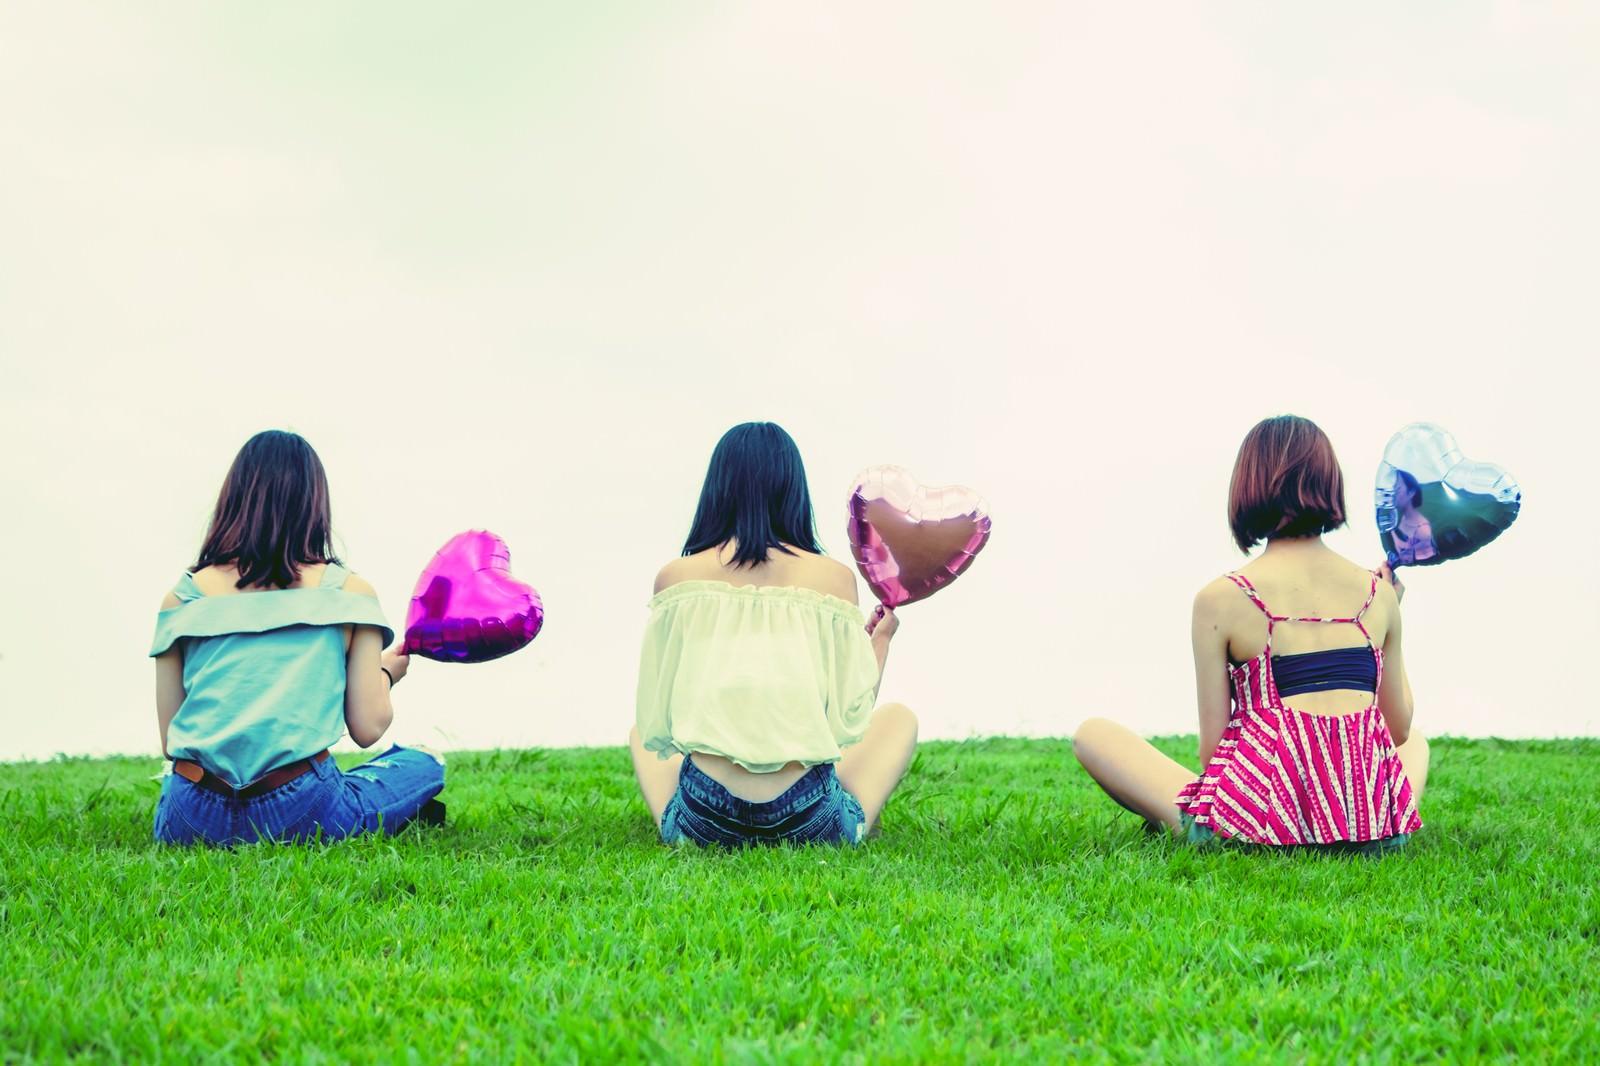 「ハートの風船を持った女性の後姿(三人組) | 写真の無料素材・フリー素材 - ぱくたそ」の写真